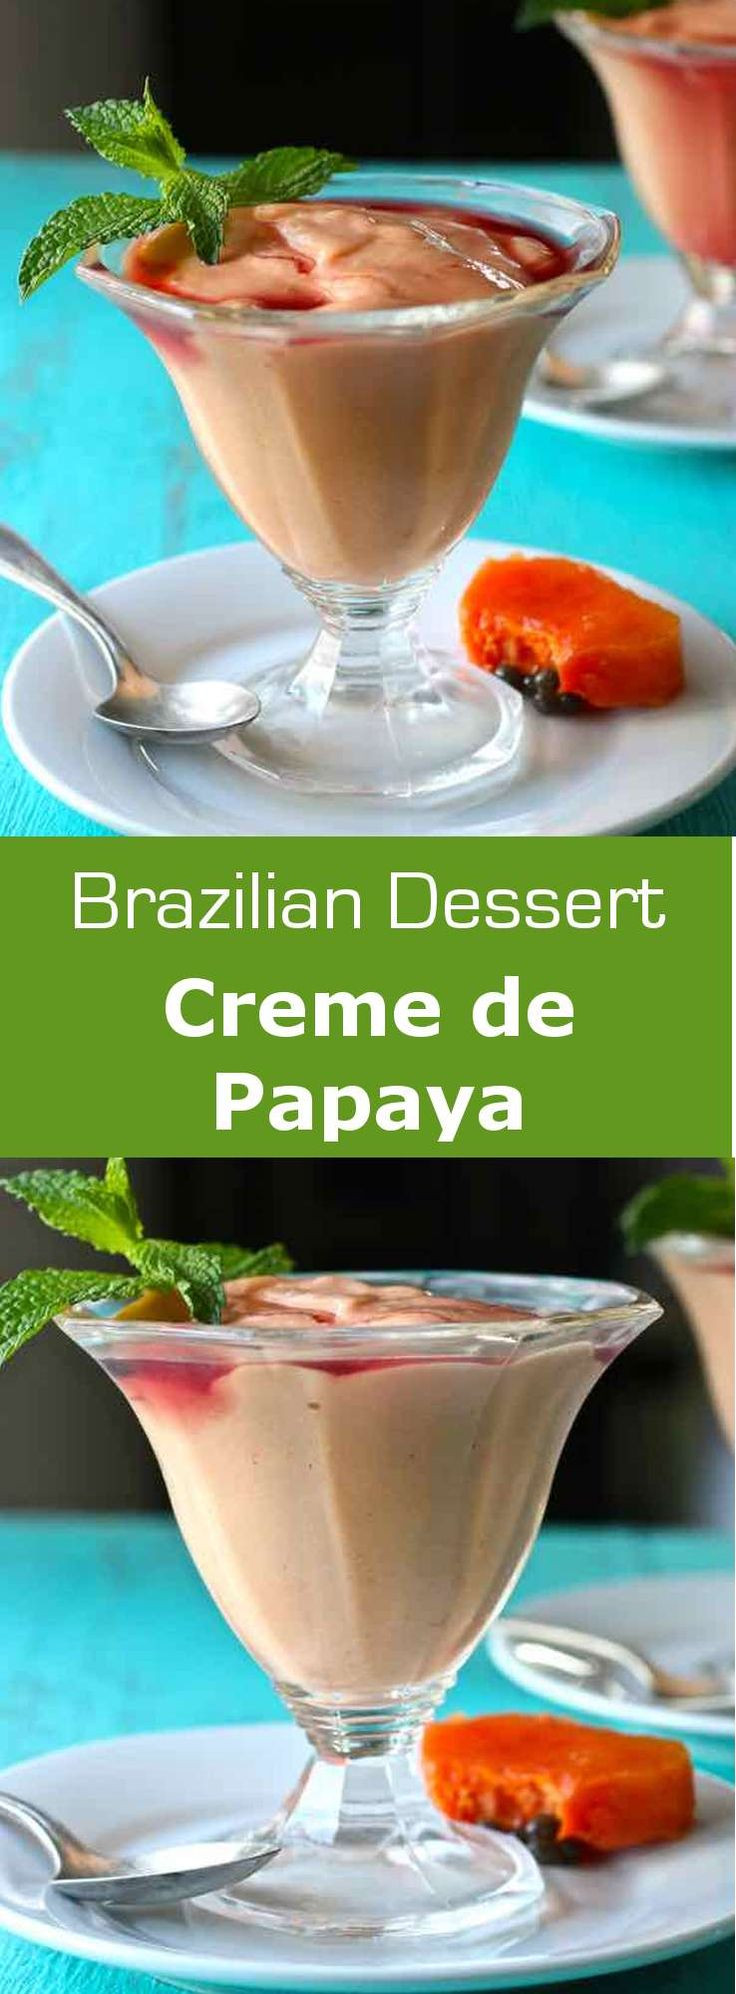 Brazilian Christmas Desserts  Best 25 Brazilian dessert ideas on Pinterest